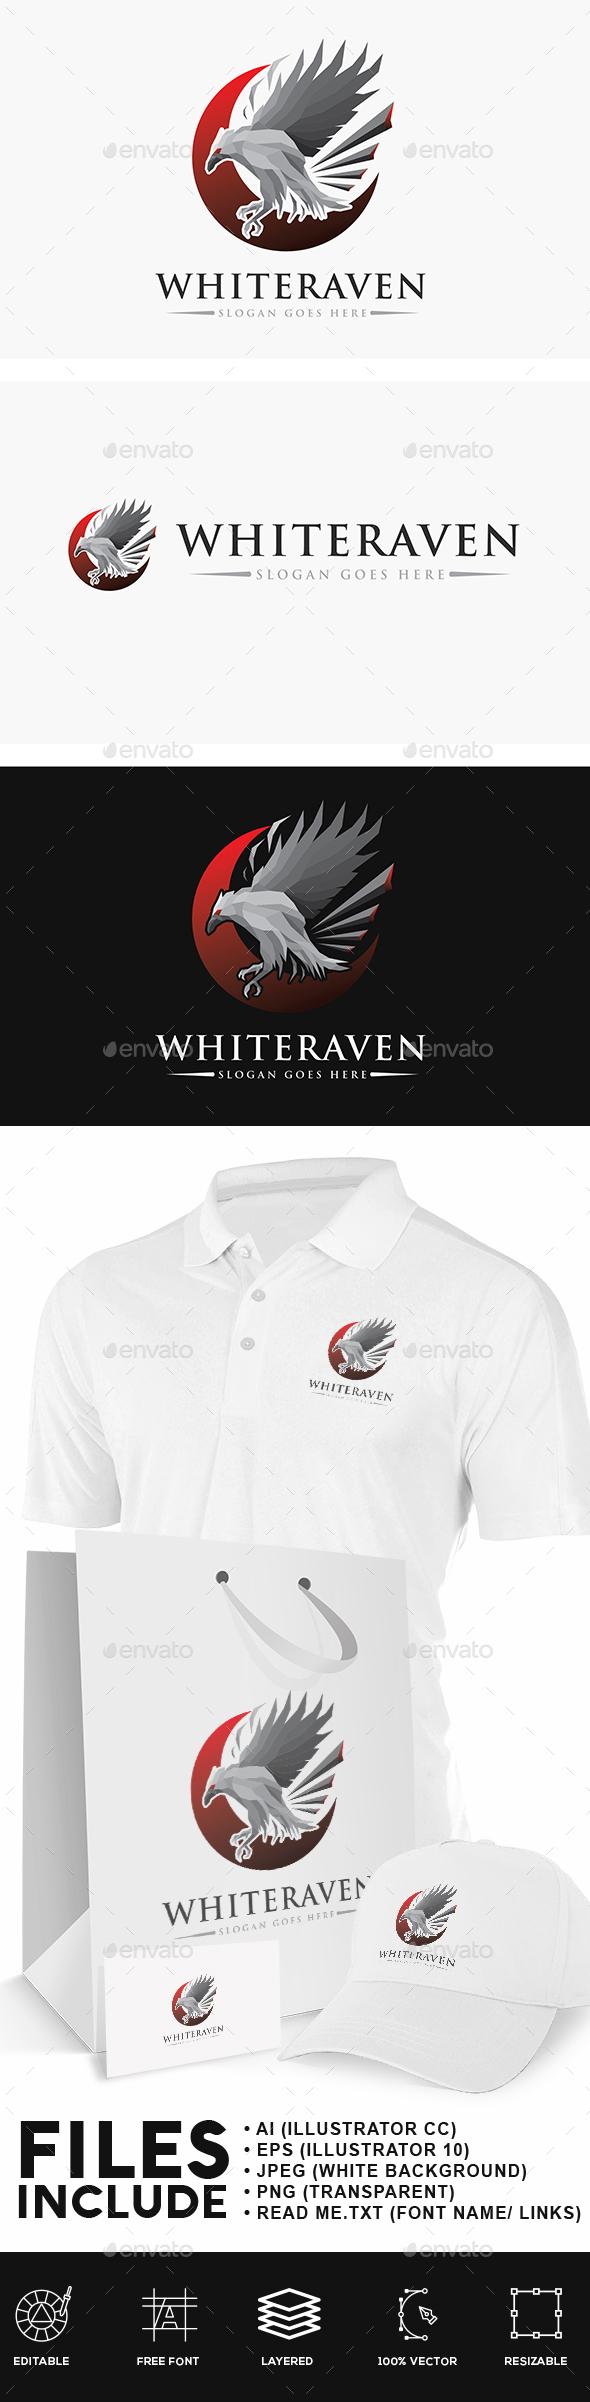 White Raven Logo - Animals Logo Templates